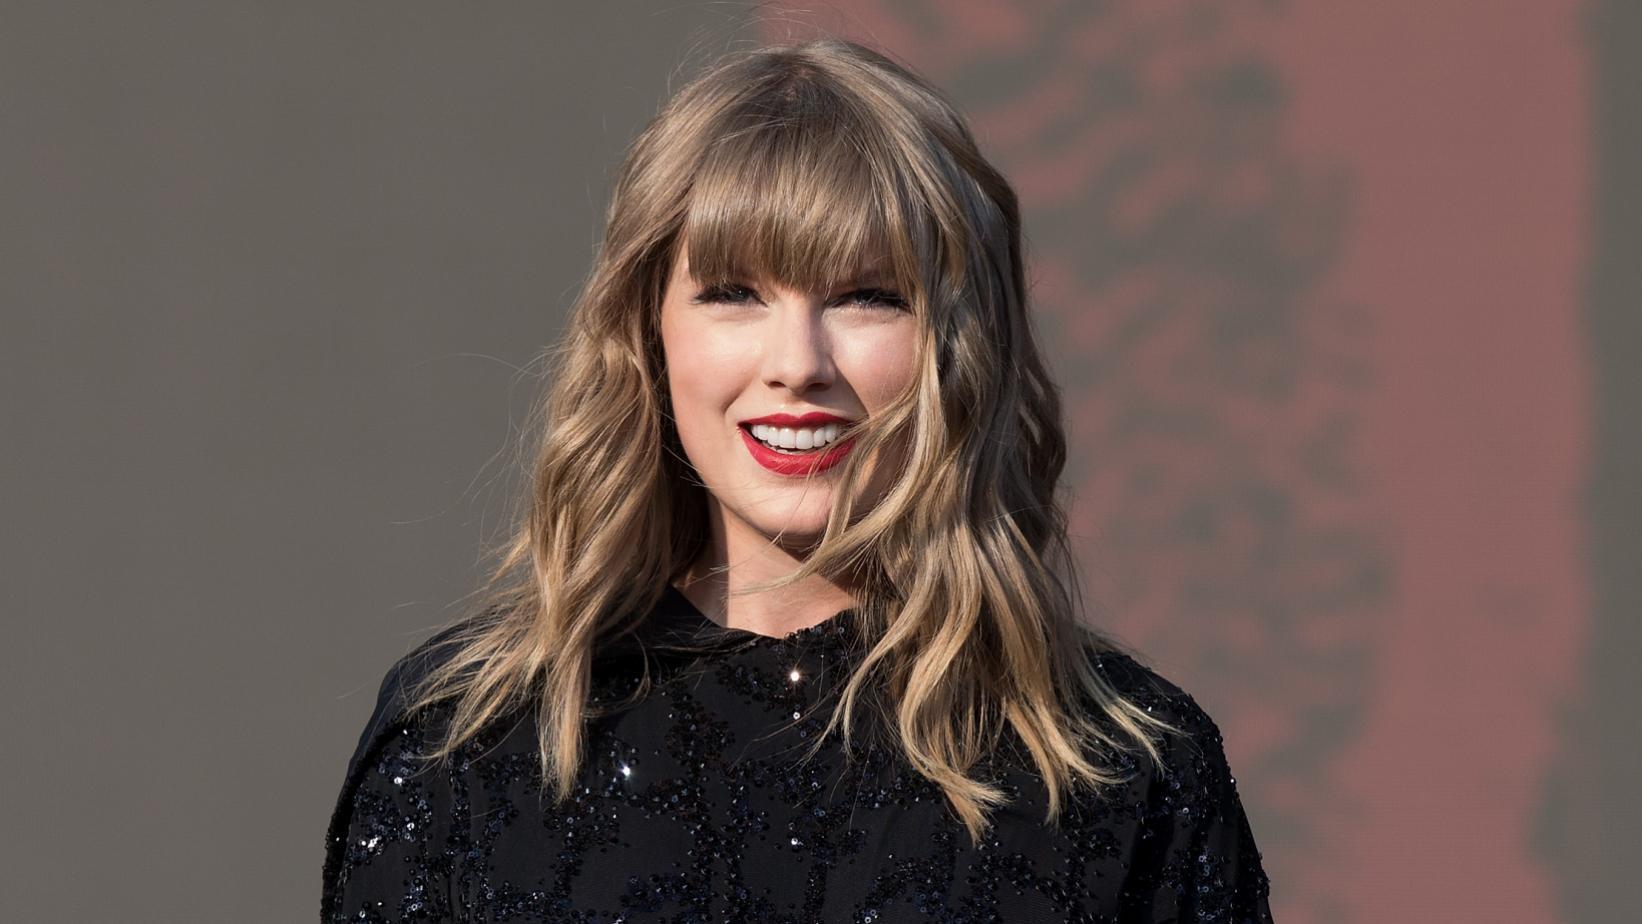 دانلود آهنگ جدید Taylor Swift به نام Battle